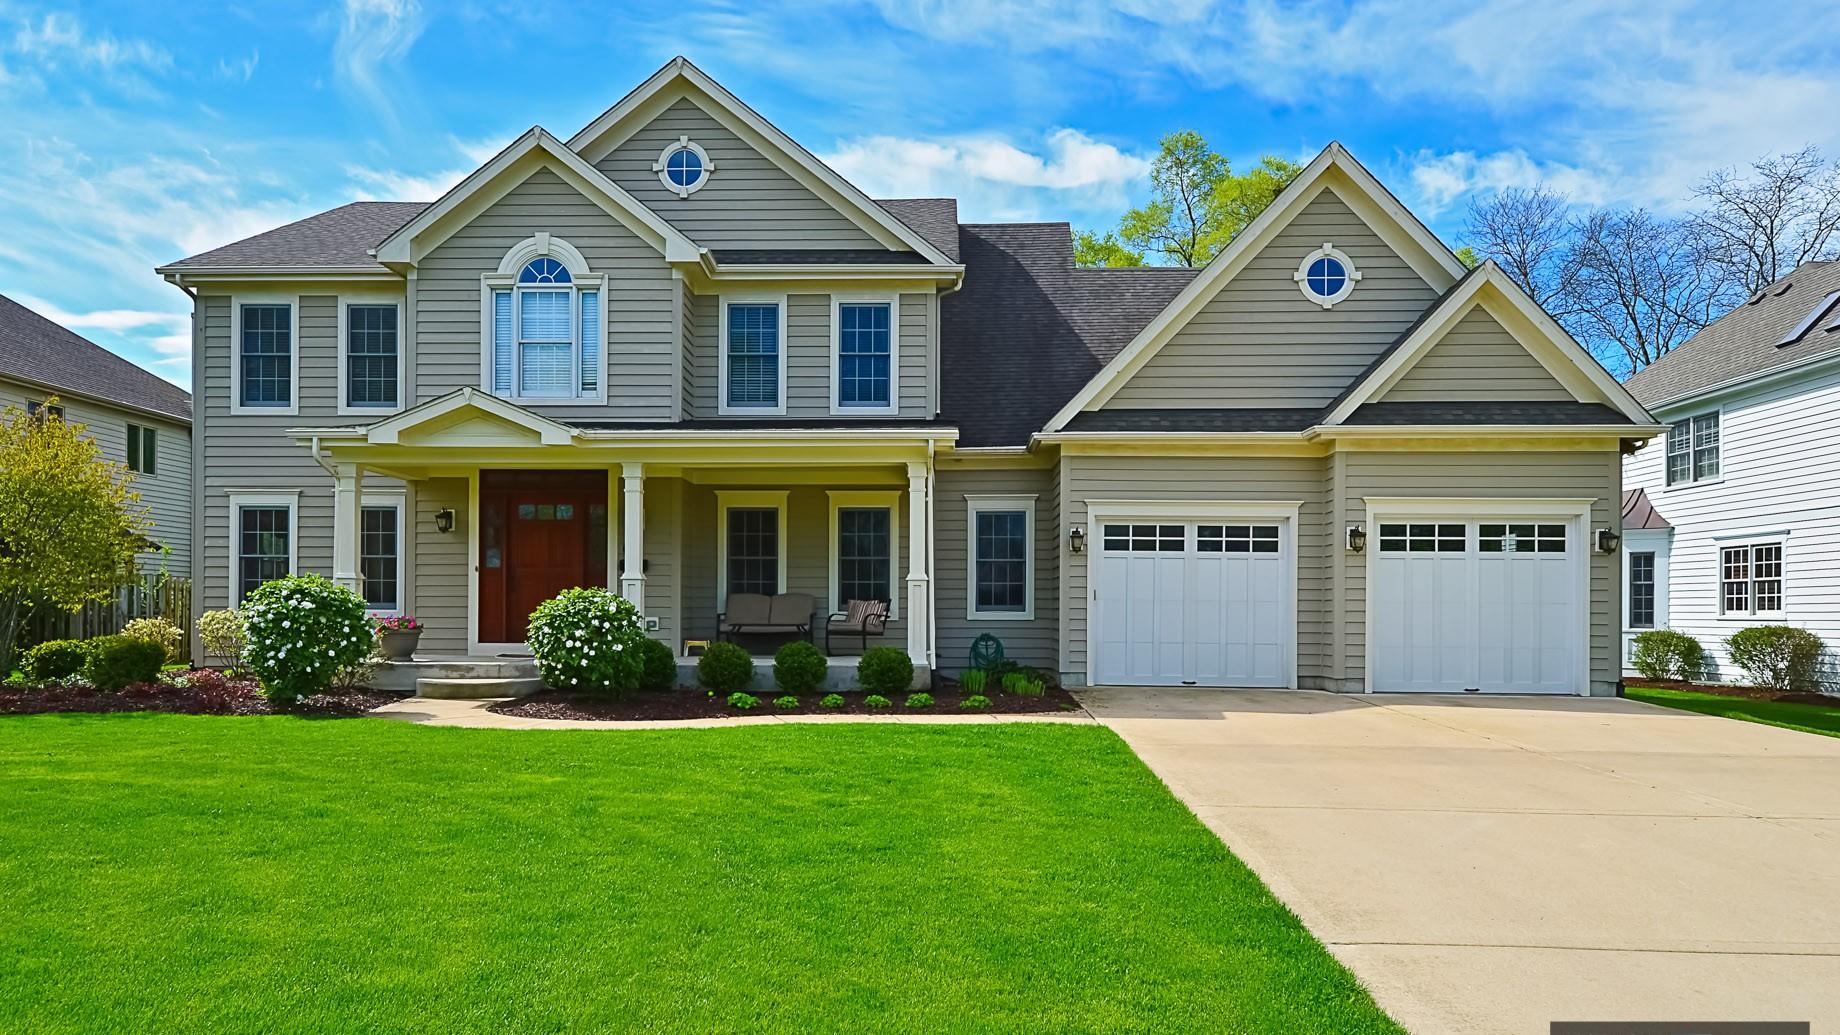 Imobiliária nos estados unidos